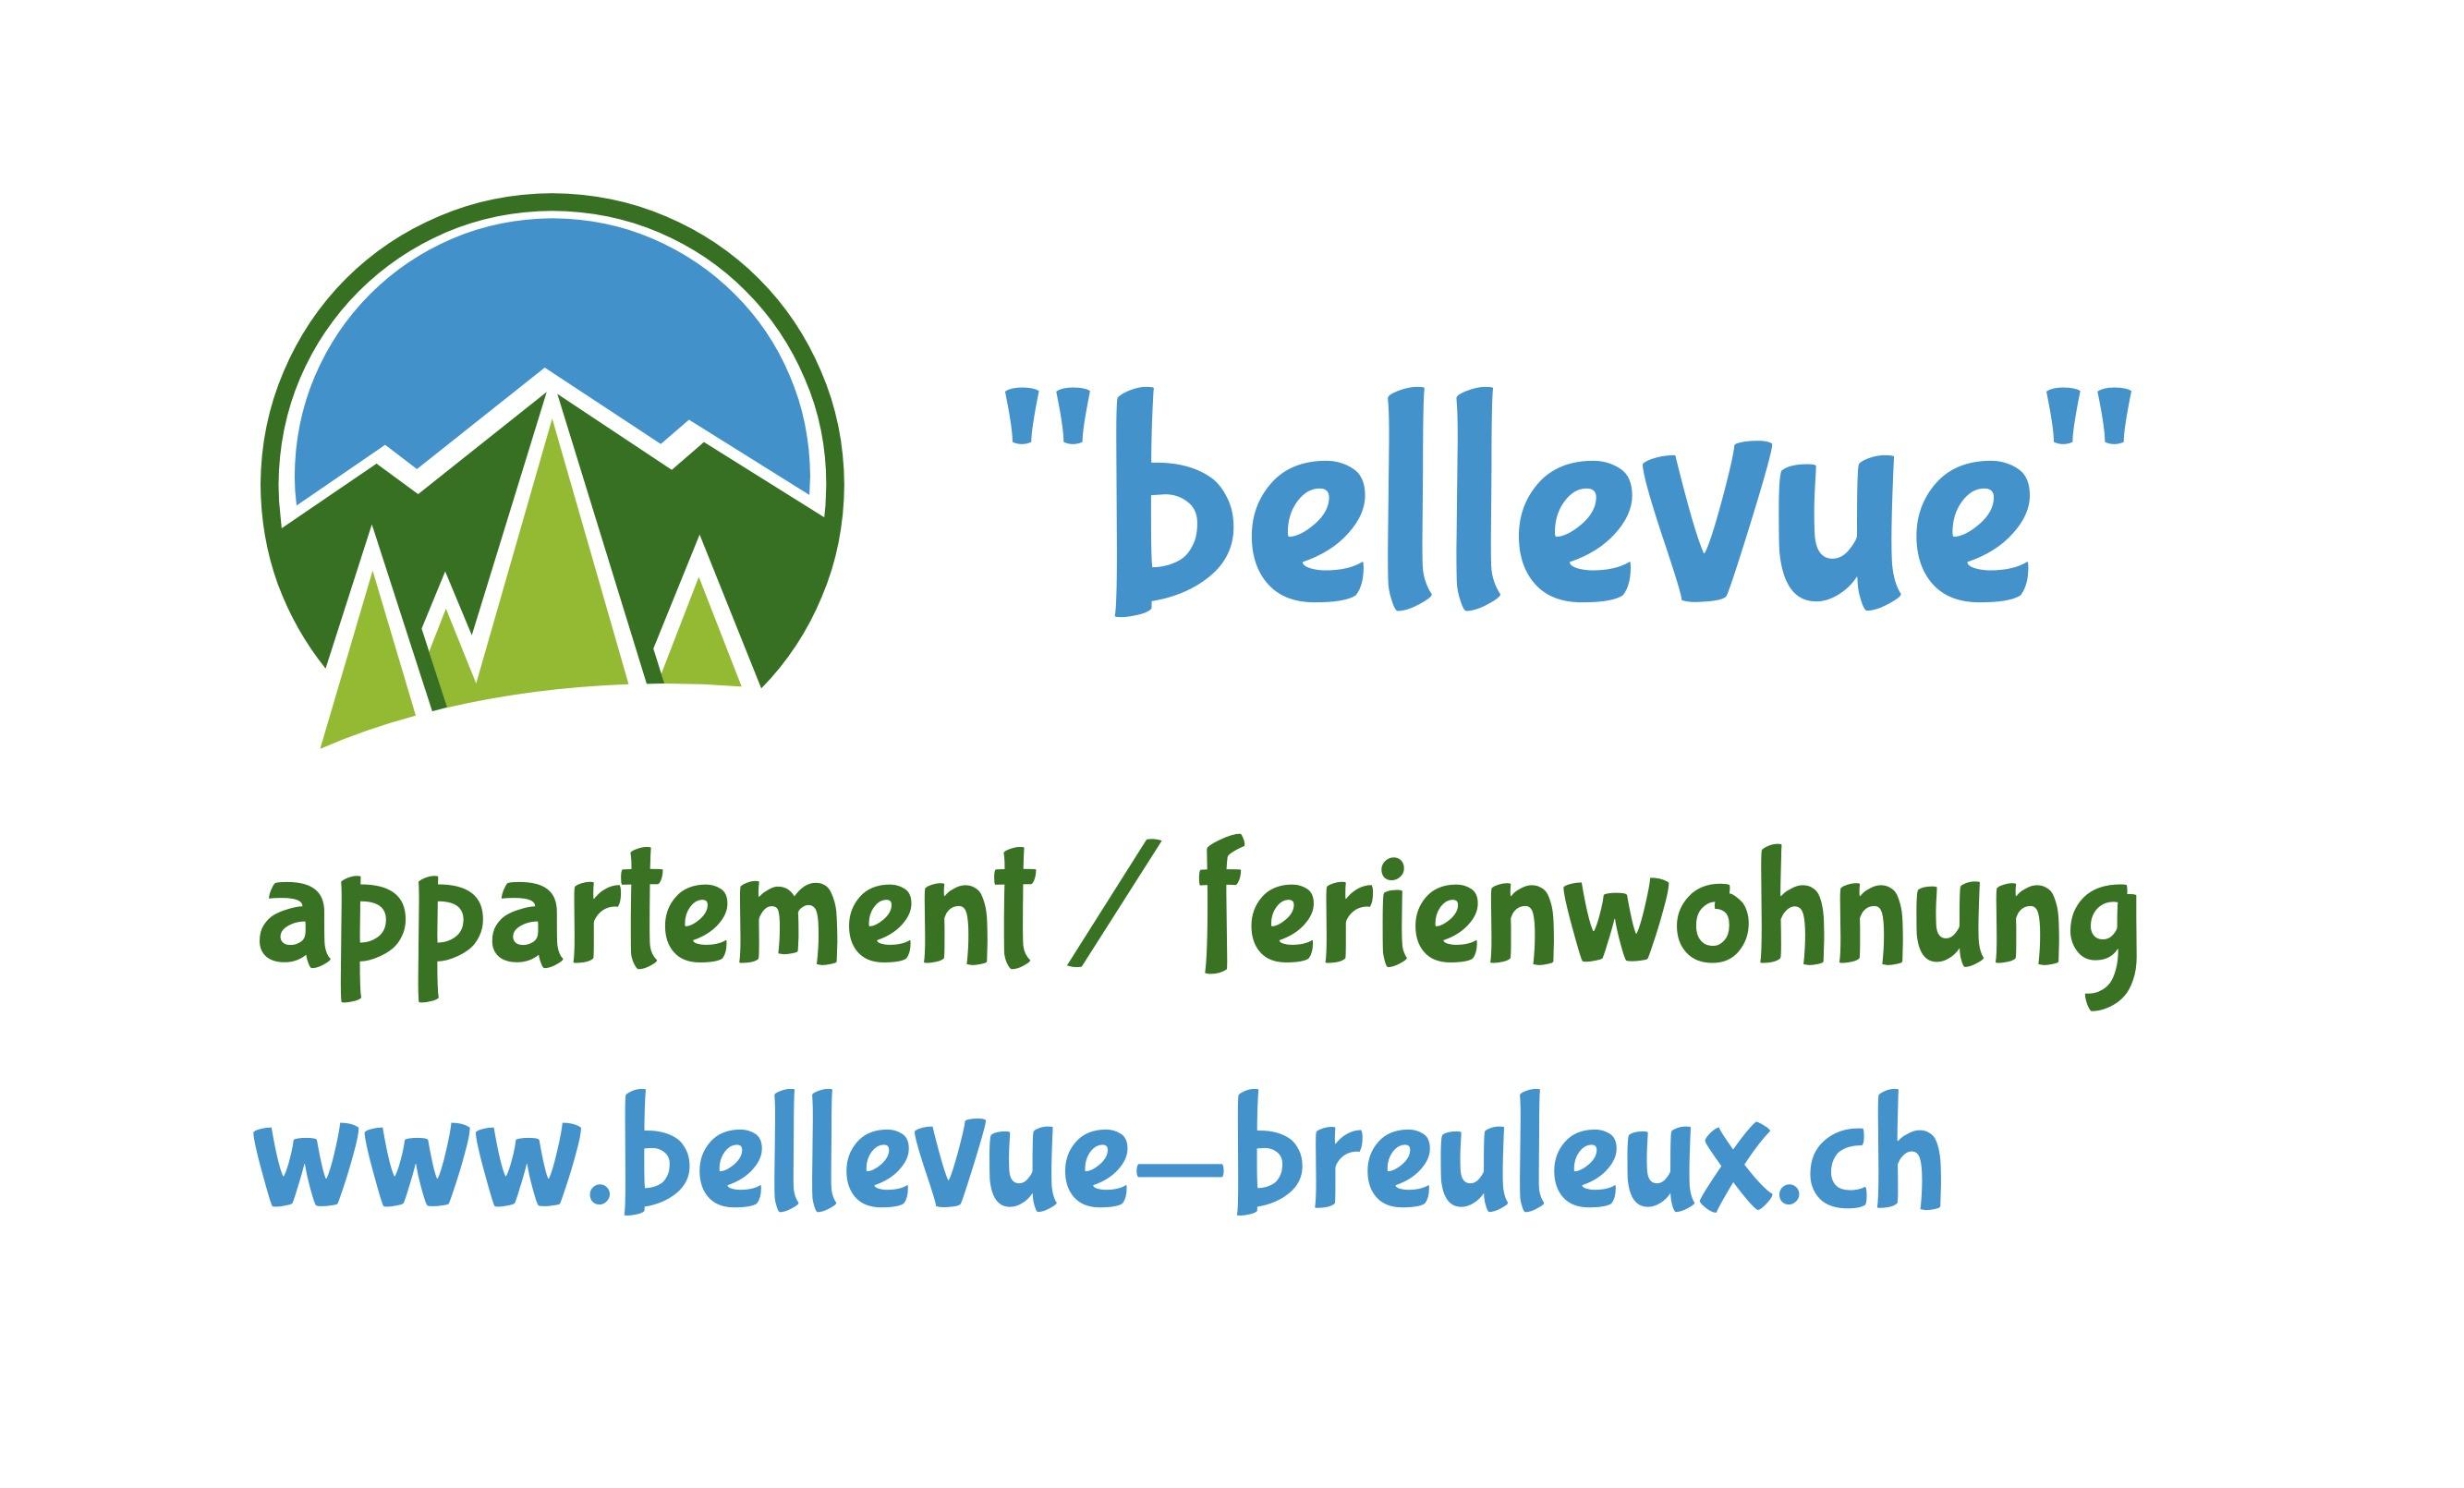 Bellevue – Les Breuleux